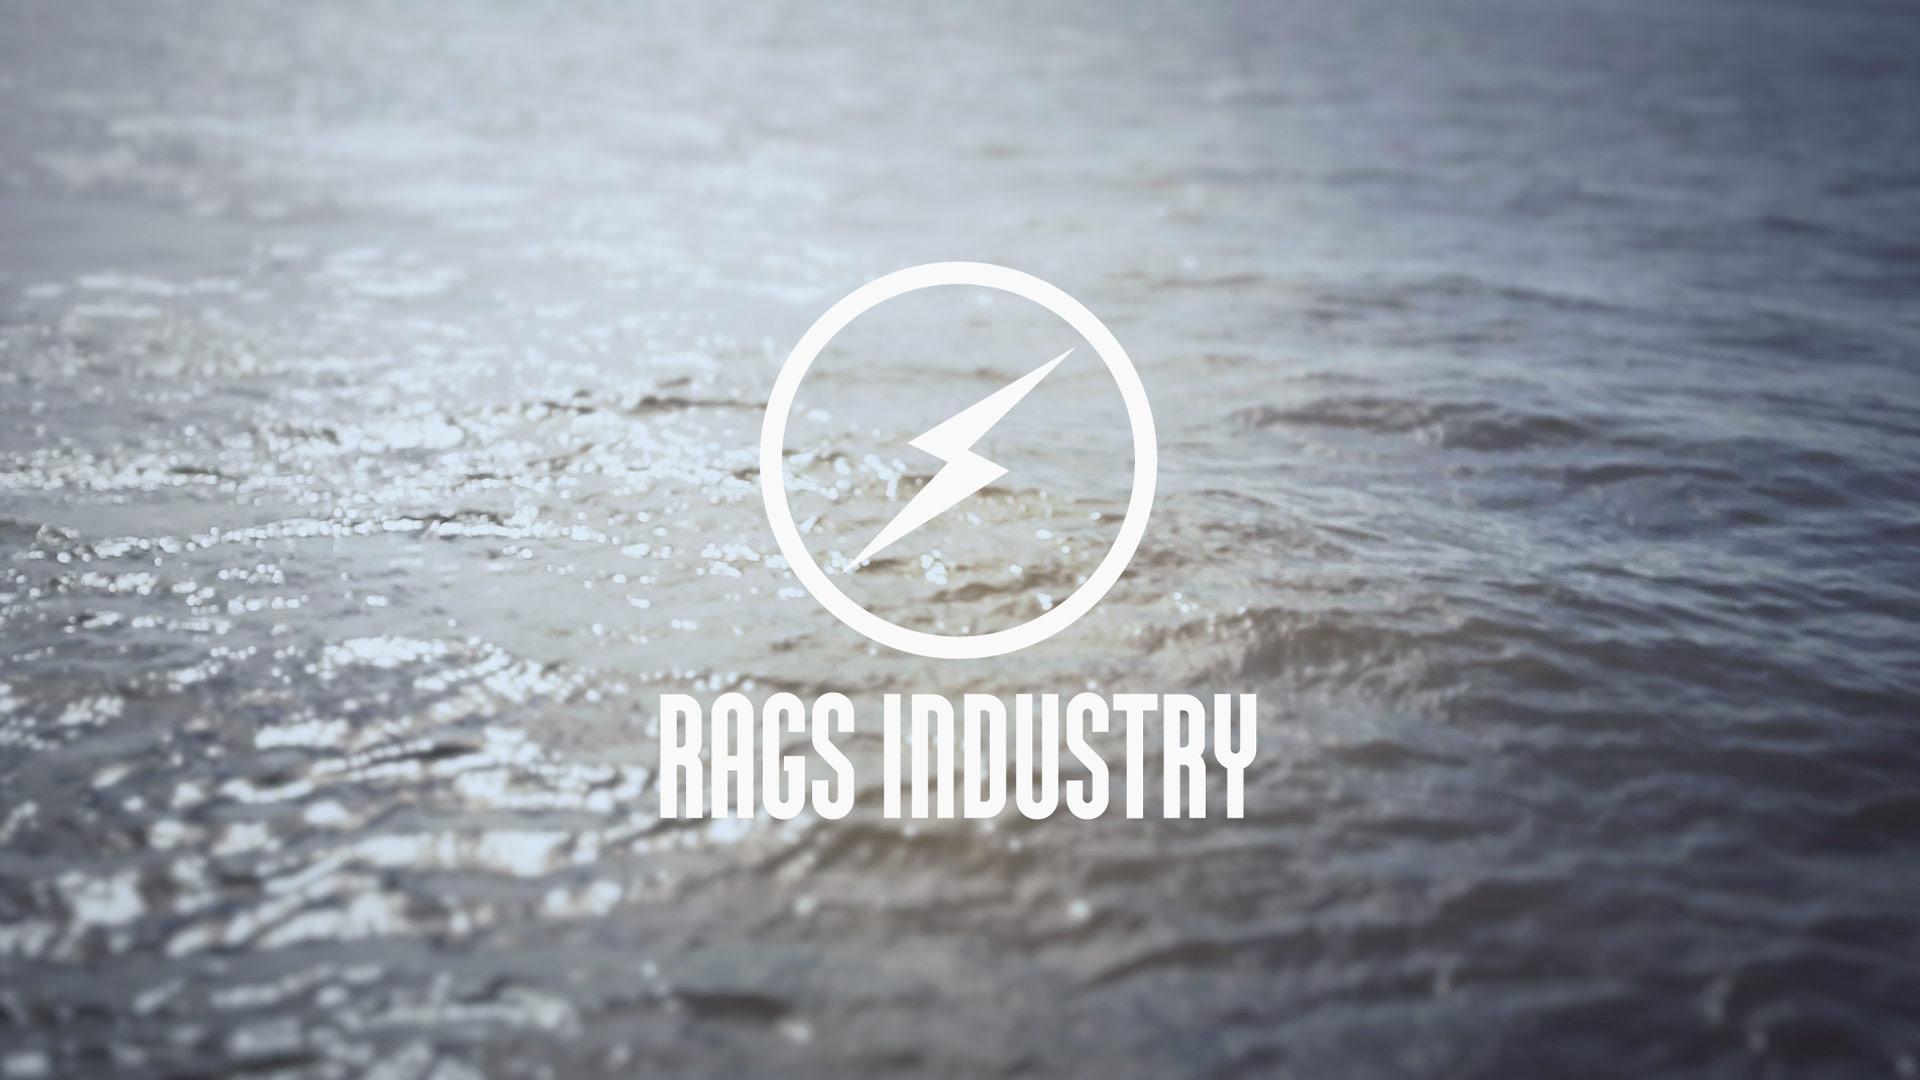 blokstudio_Rags_Industry_SS_01